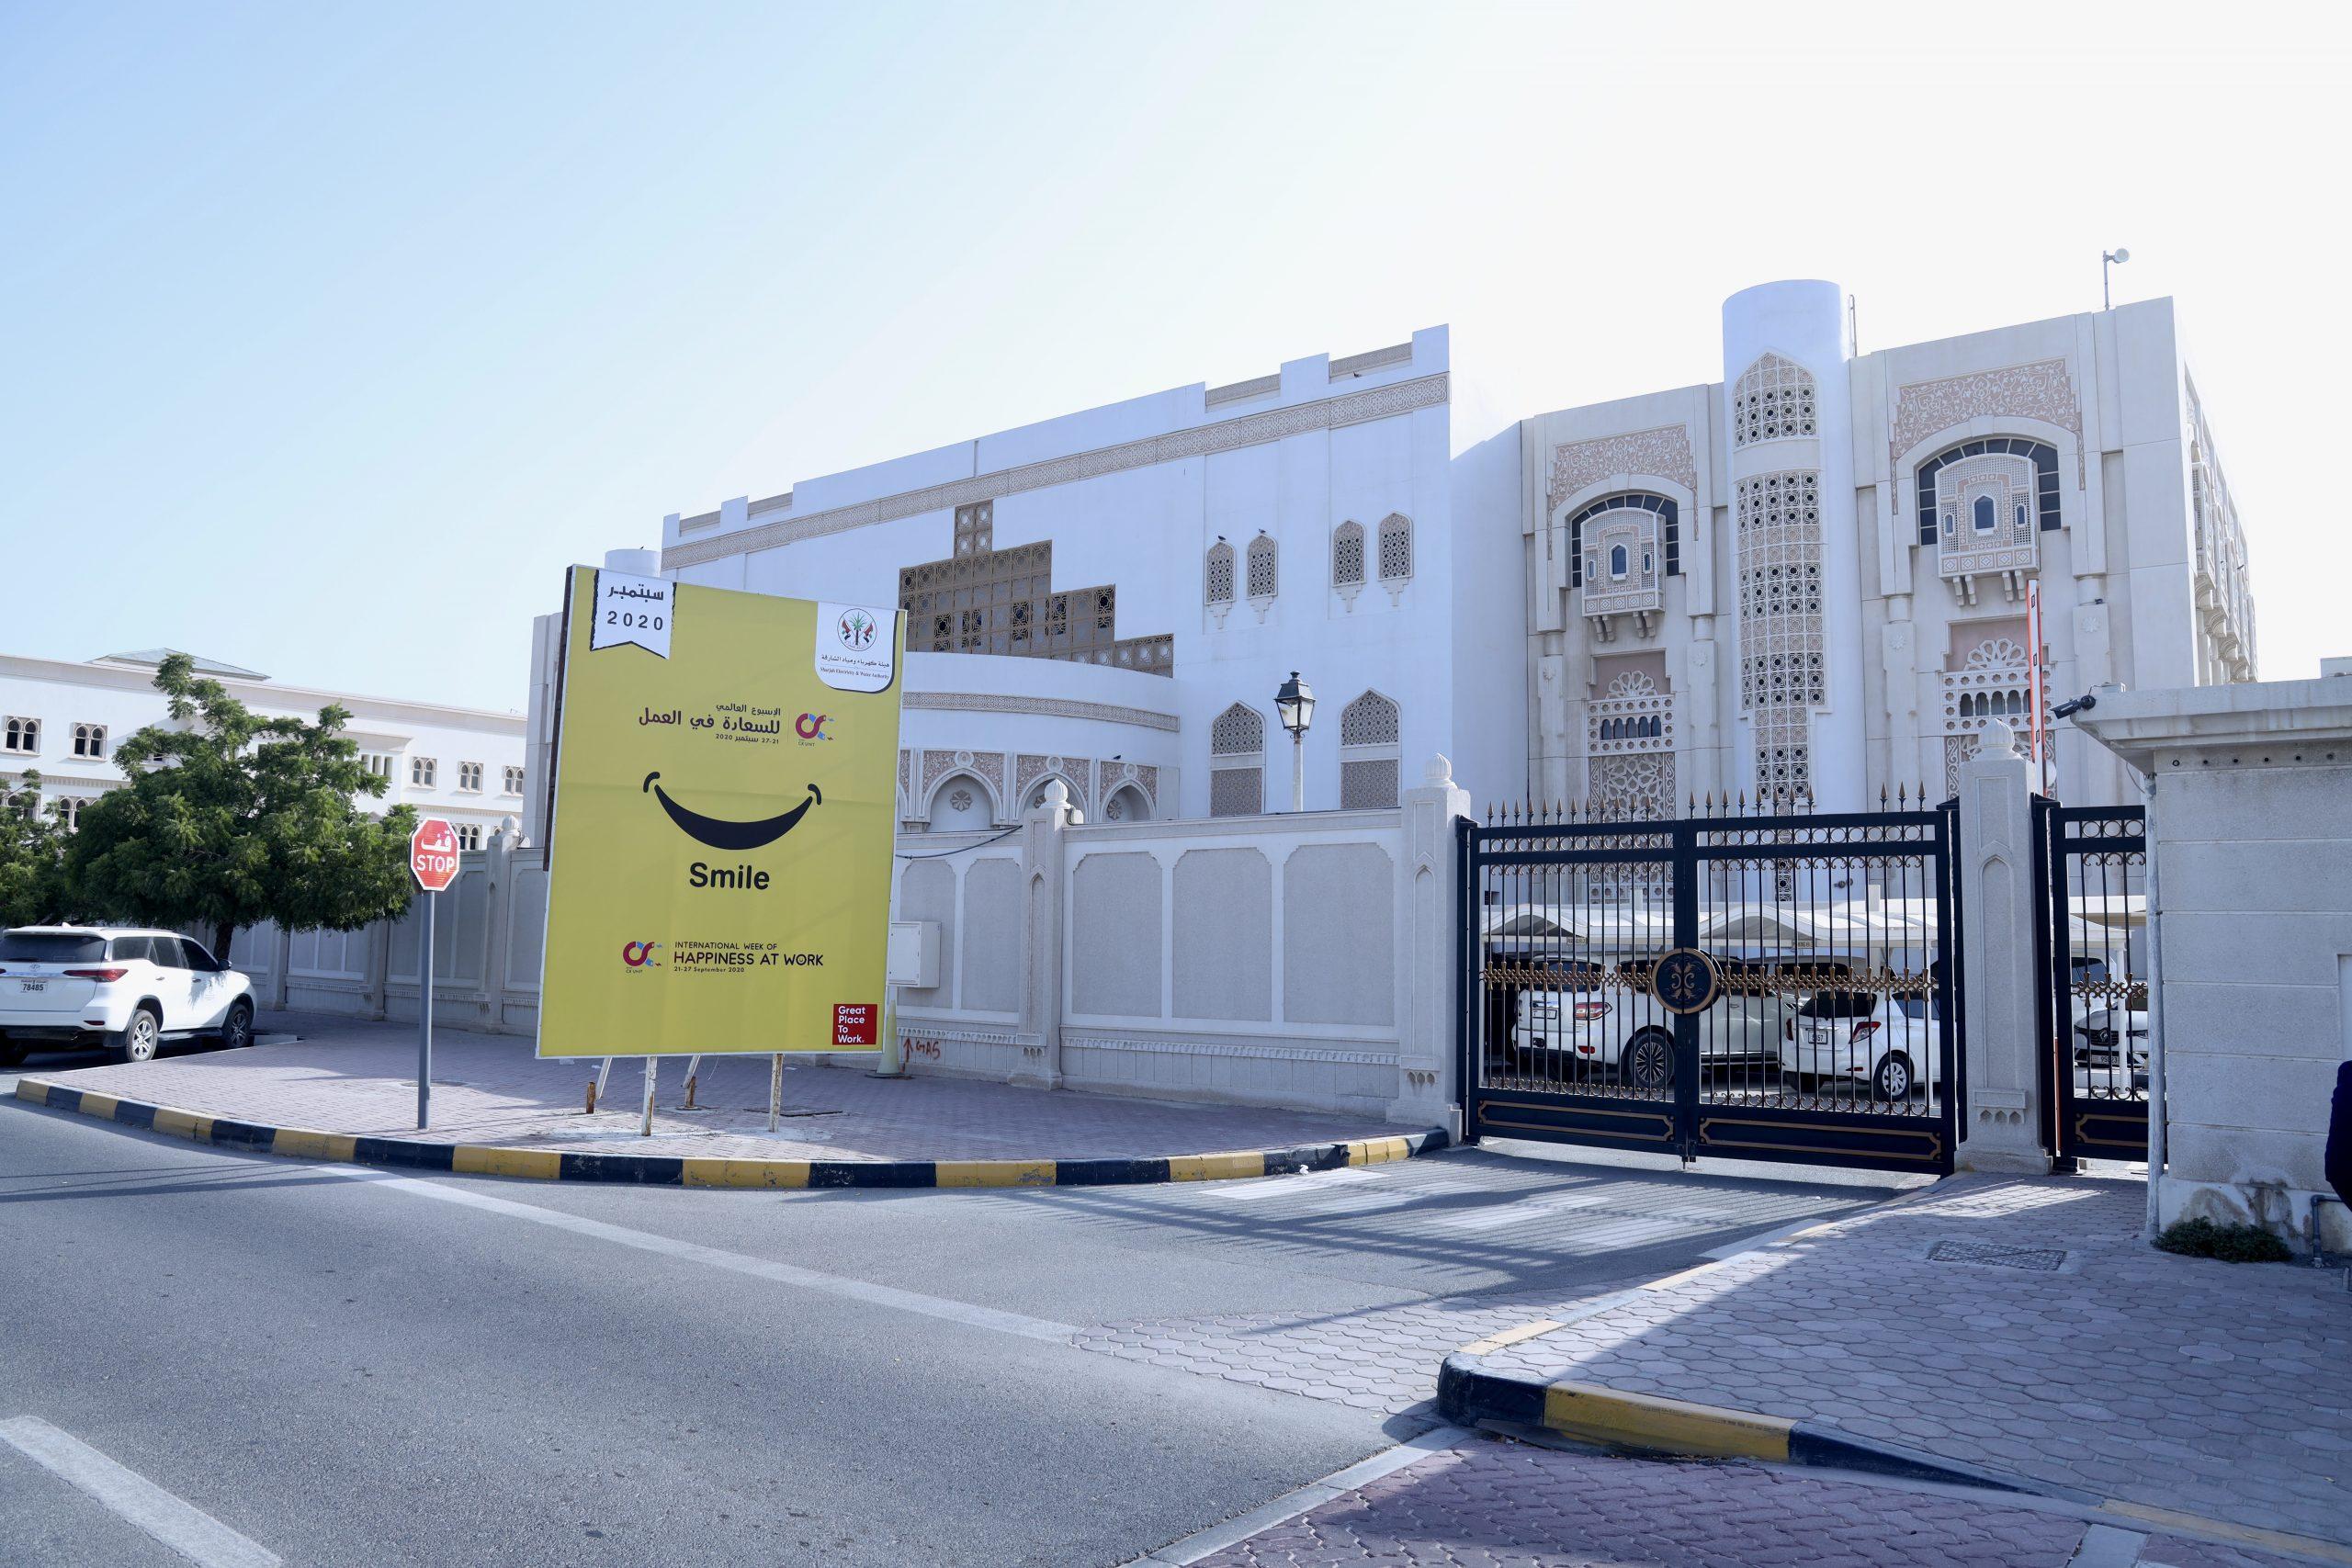 De Week van het Werkgeluk op de straten van de Verenigde Arabische Emiraten!